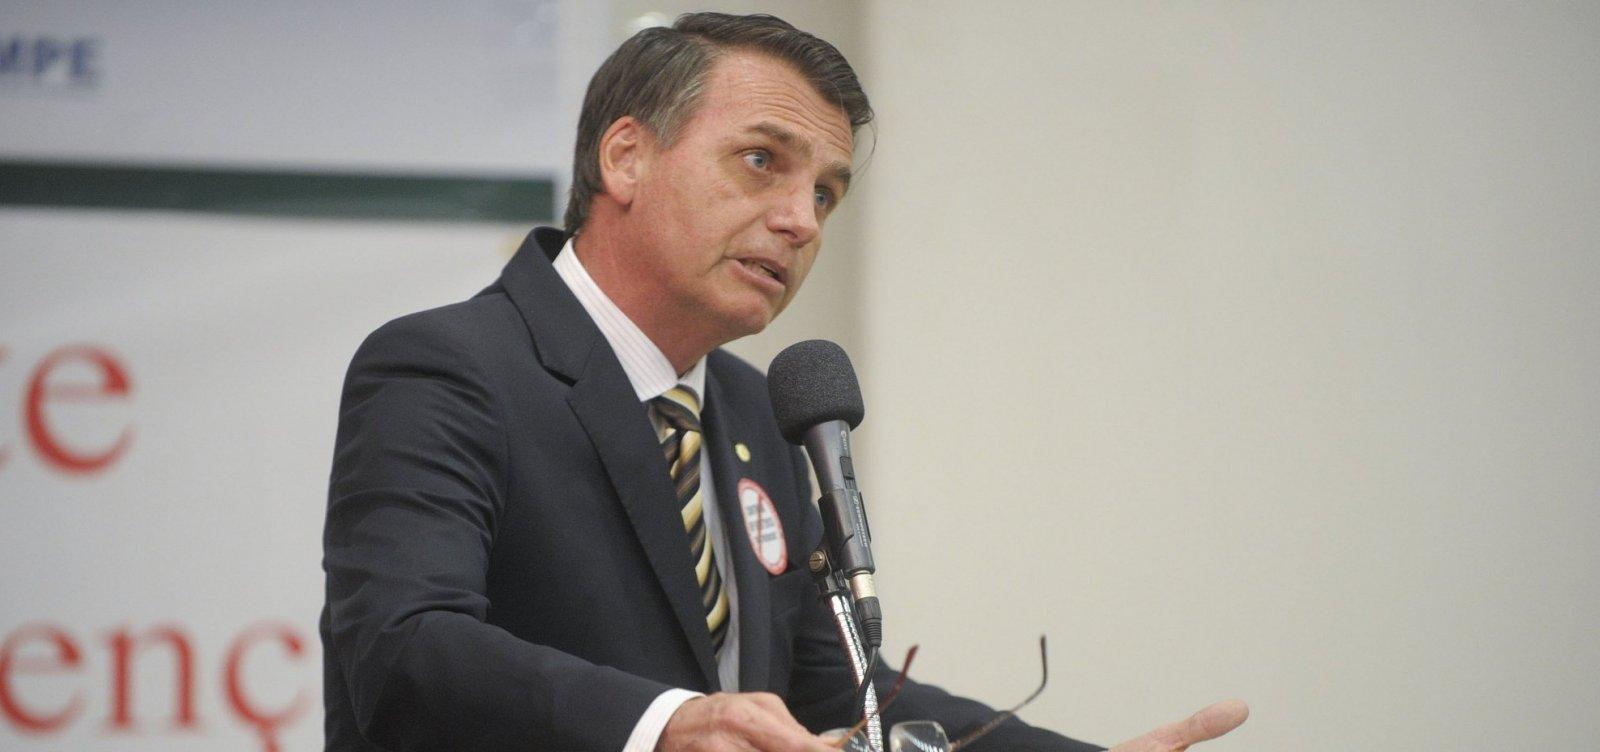 Bolsonaro já pode comparecer a debates, diz avaliação médica